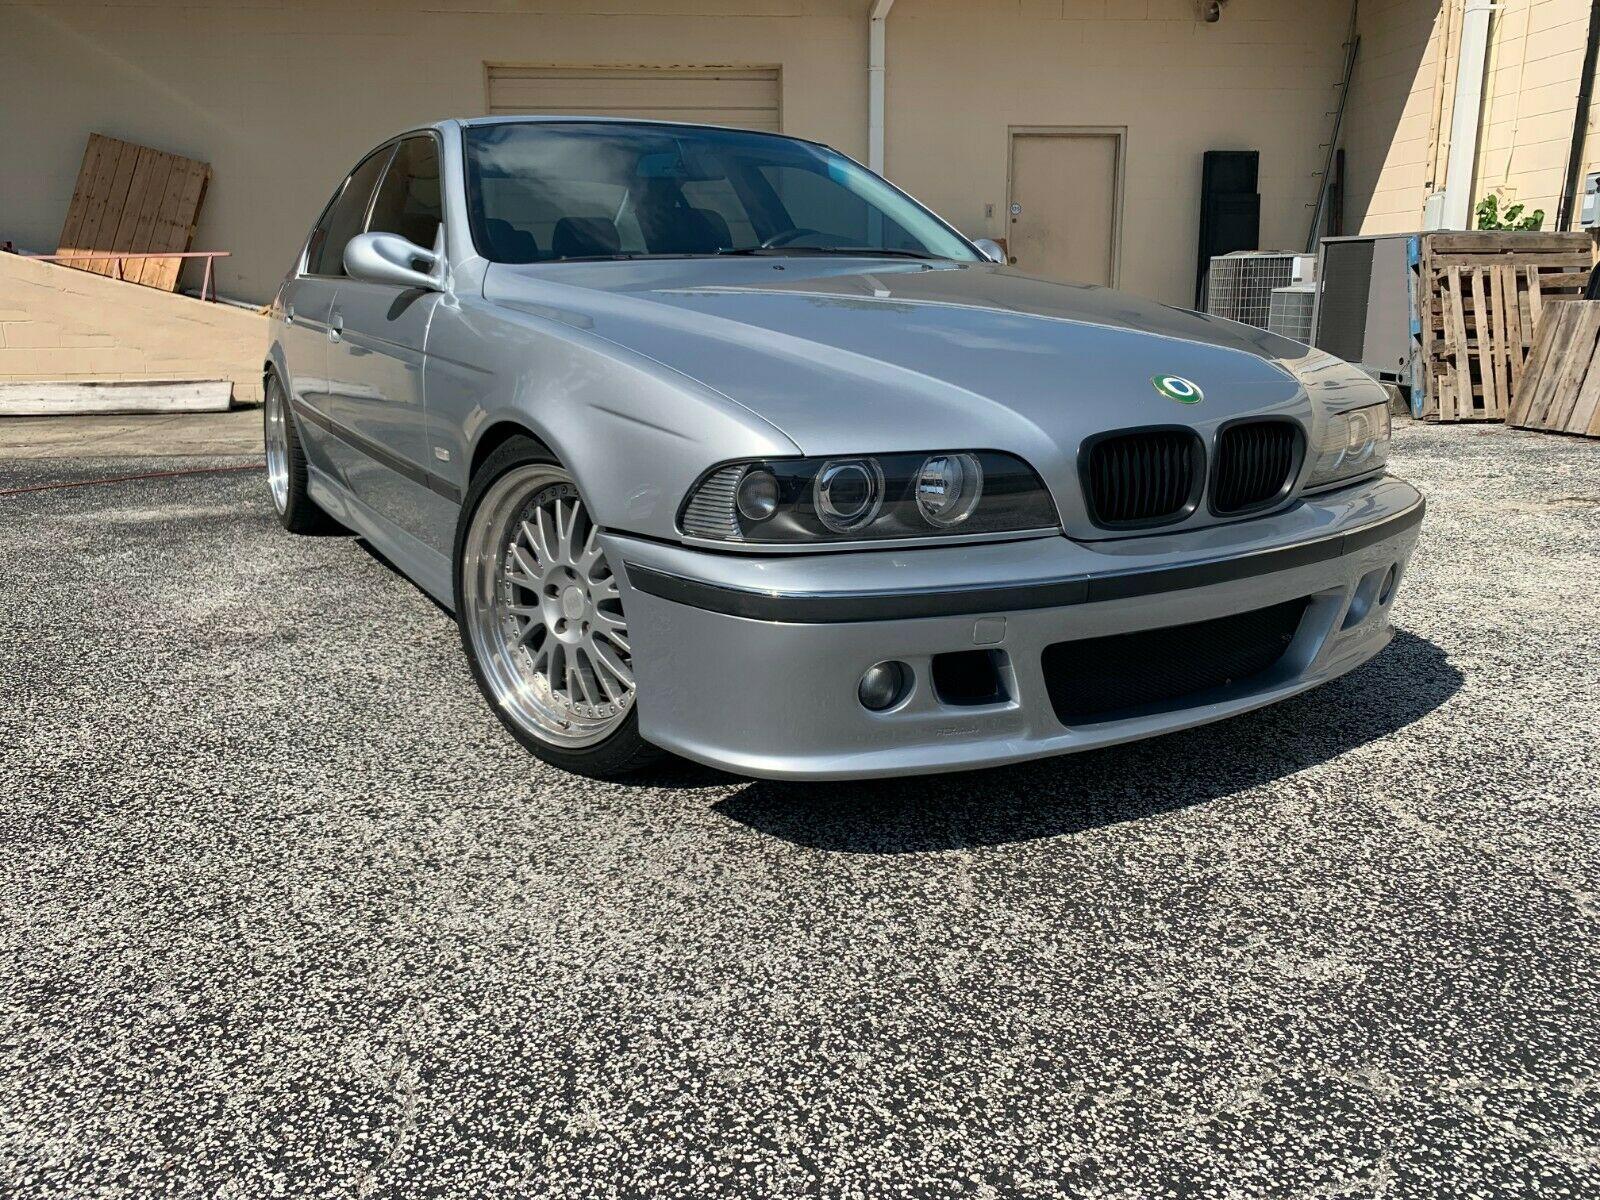 1997 Bmw 5 Series 540i Ebay Bmw Bmw 5 Series Bmw E39